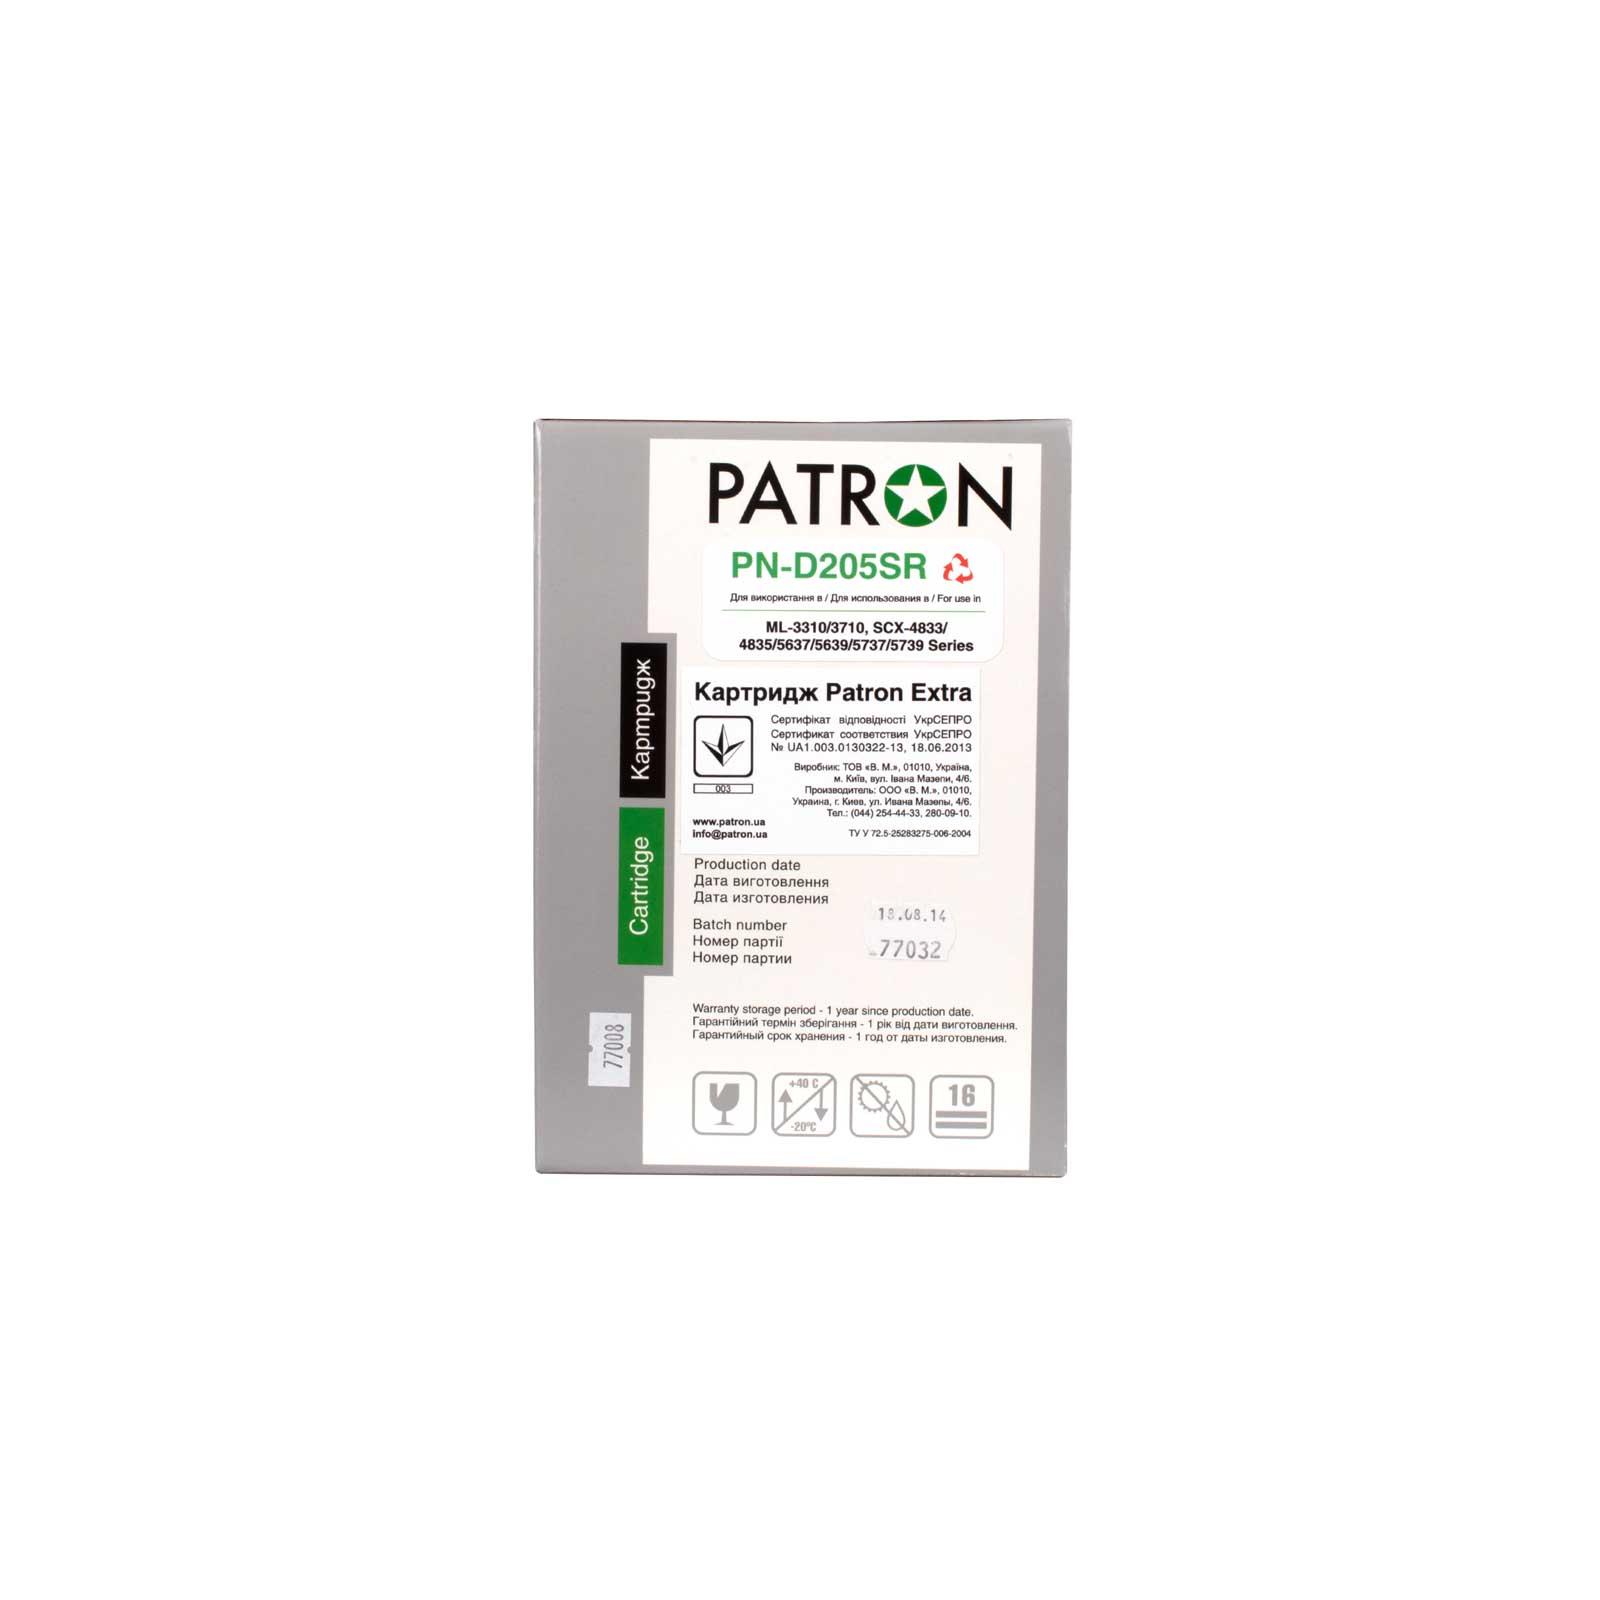 Картридж PATRON SAMSUNG SCX-4833/5637, ML-3310/3710 Extra (PN-D205SR) изображение 4